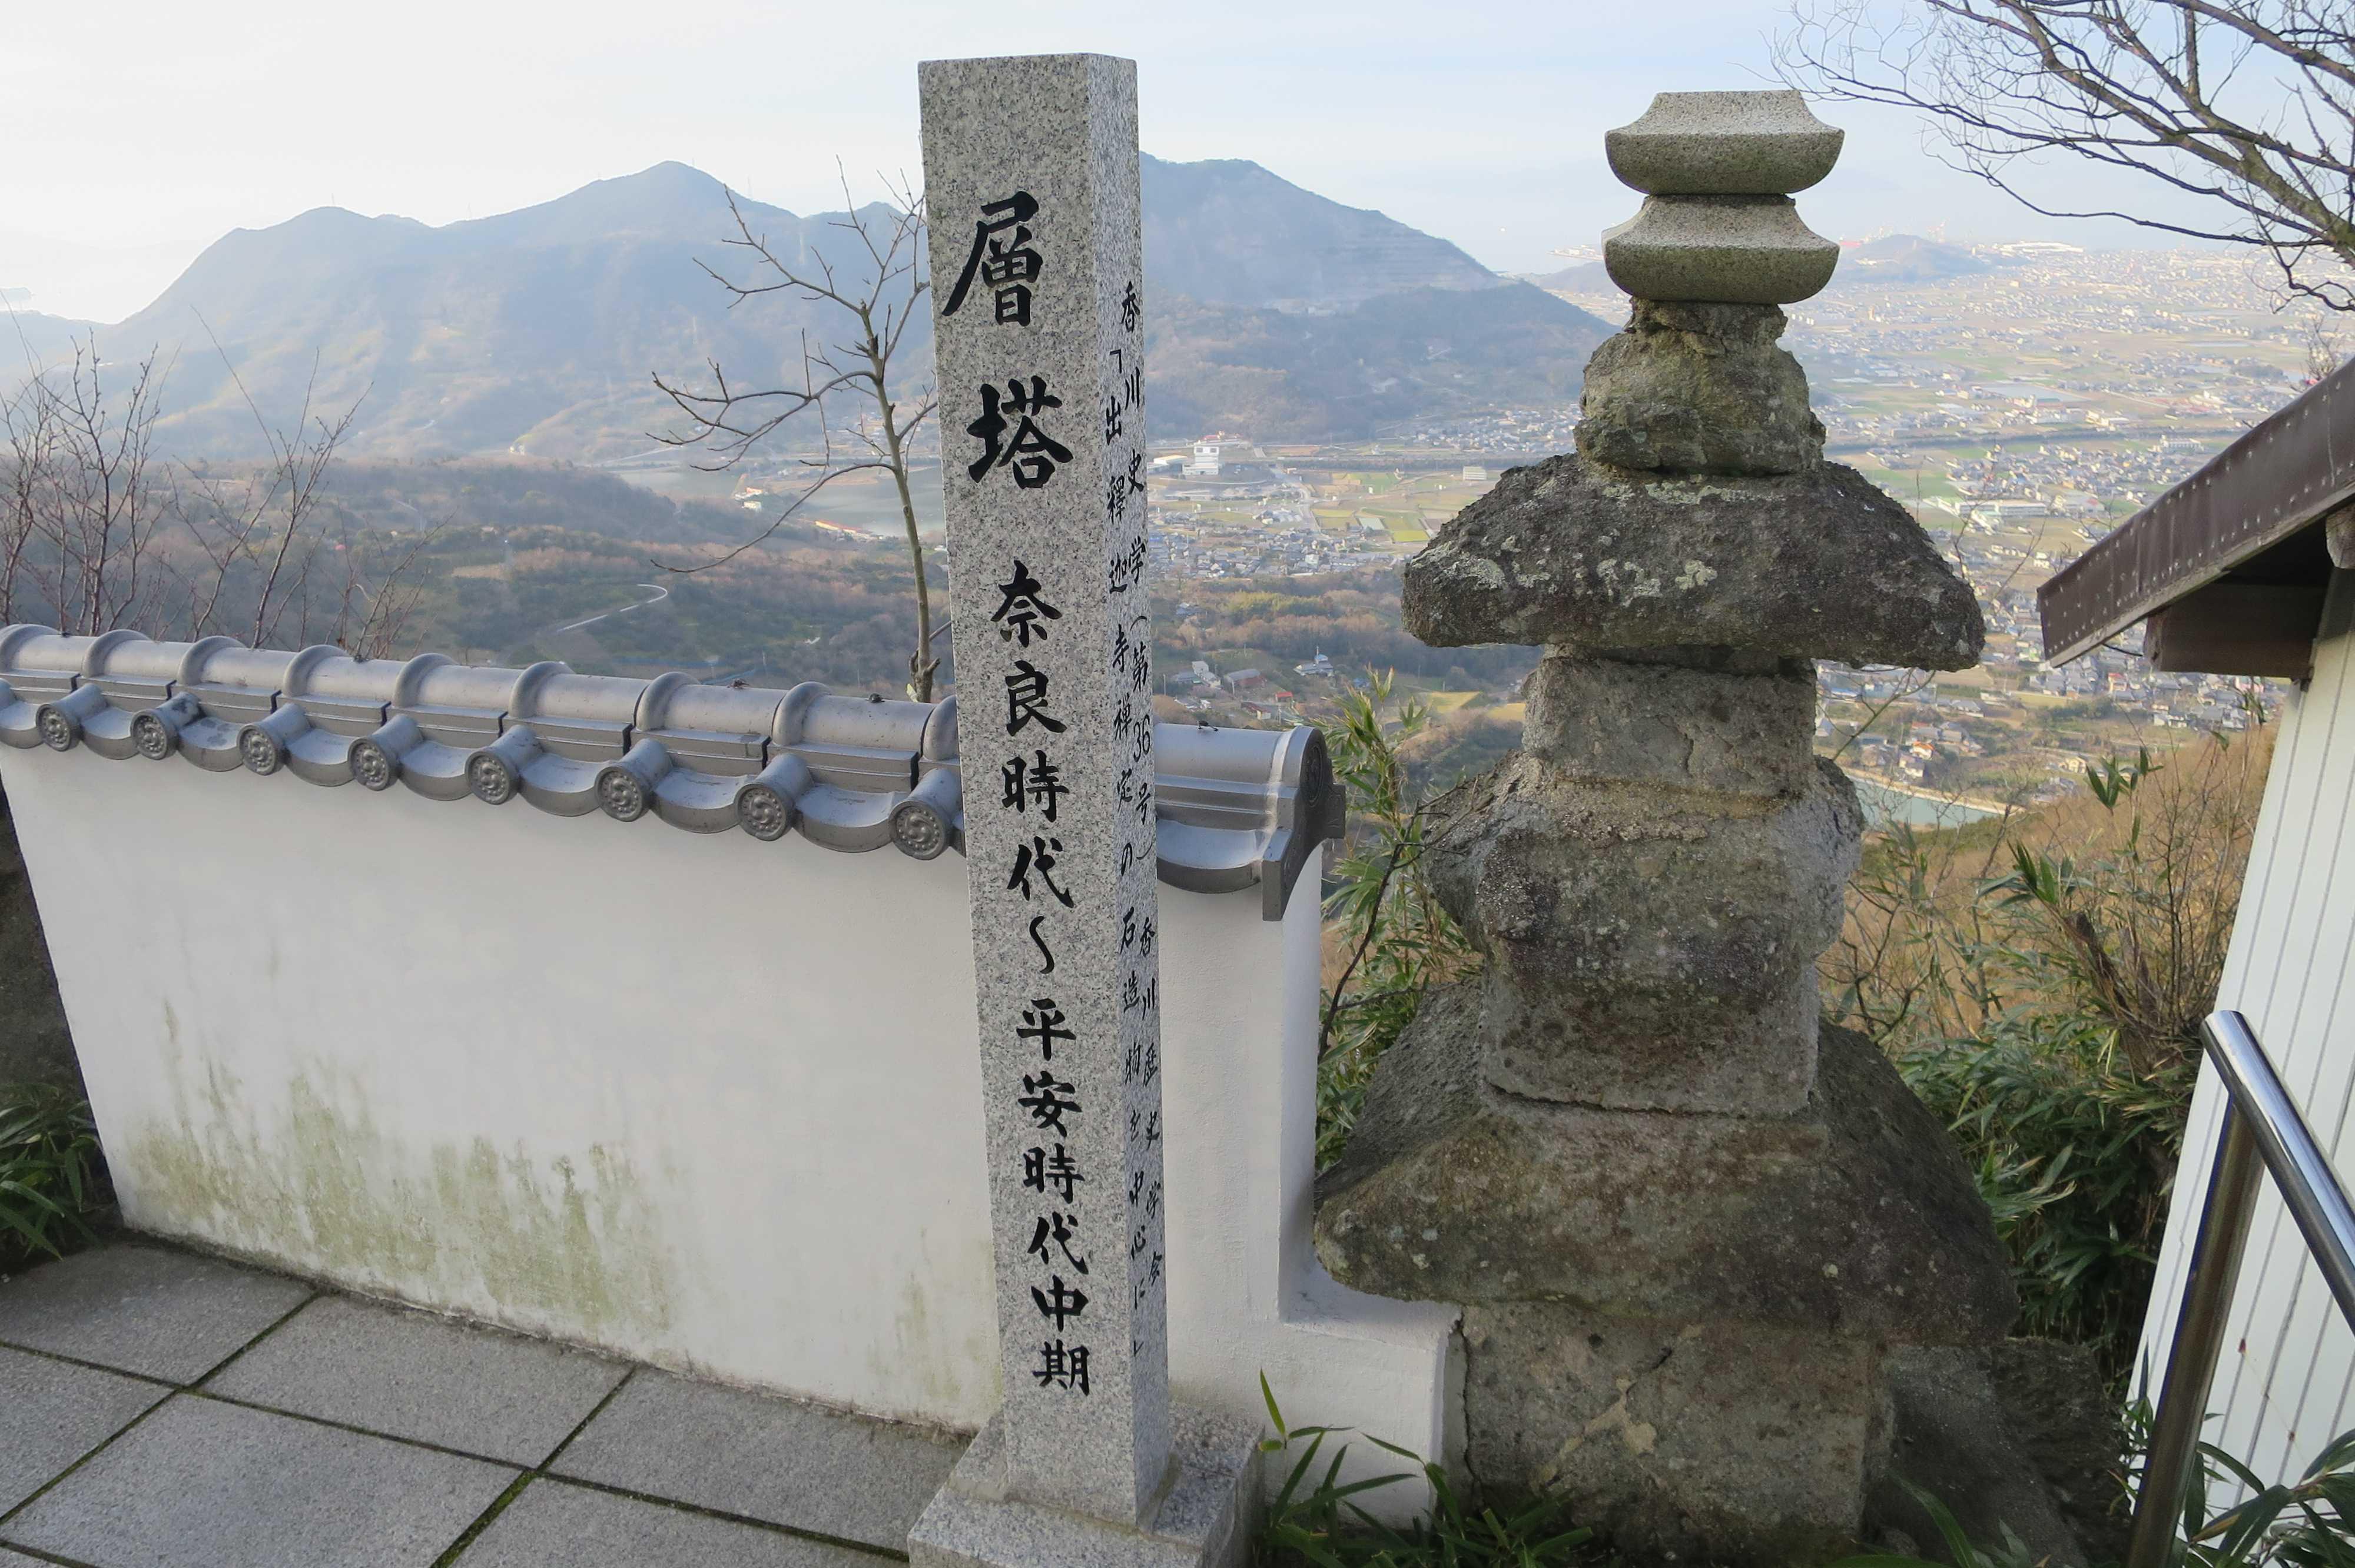 層塔 - 奥の院捨身ヶ嶽禅定